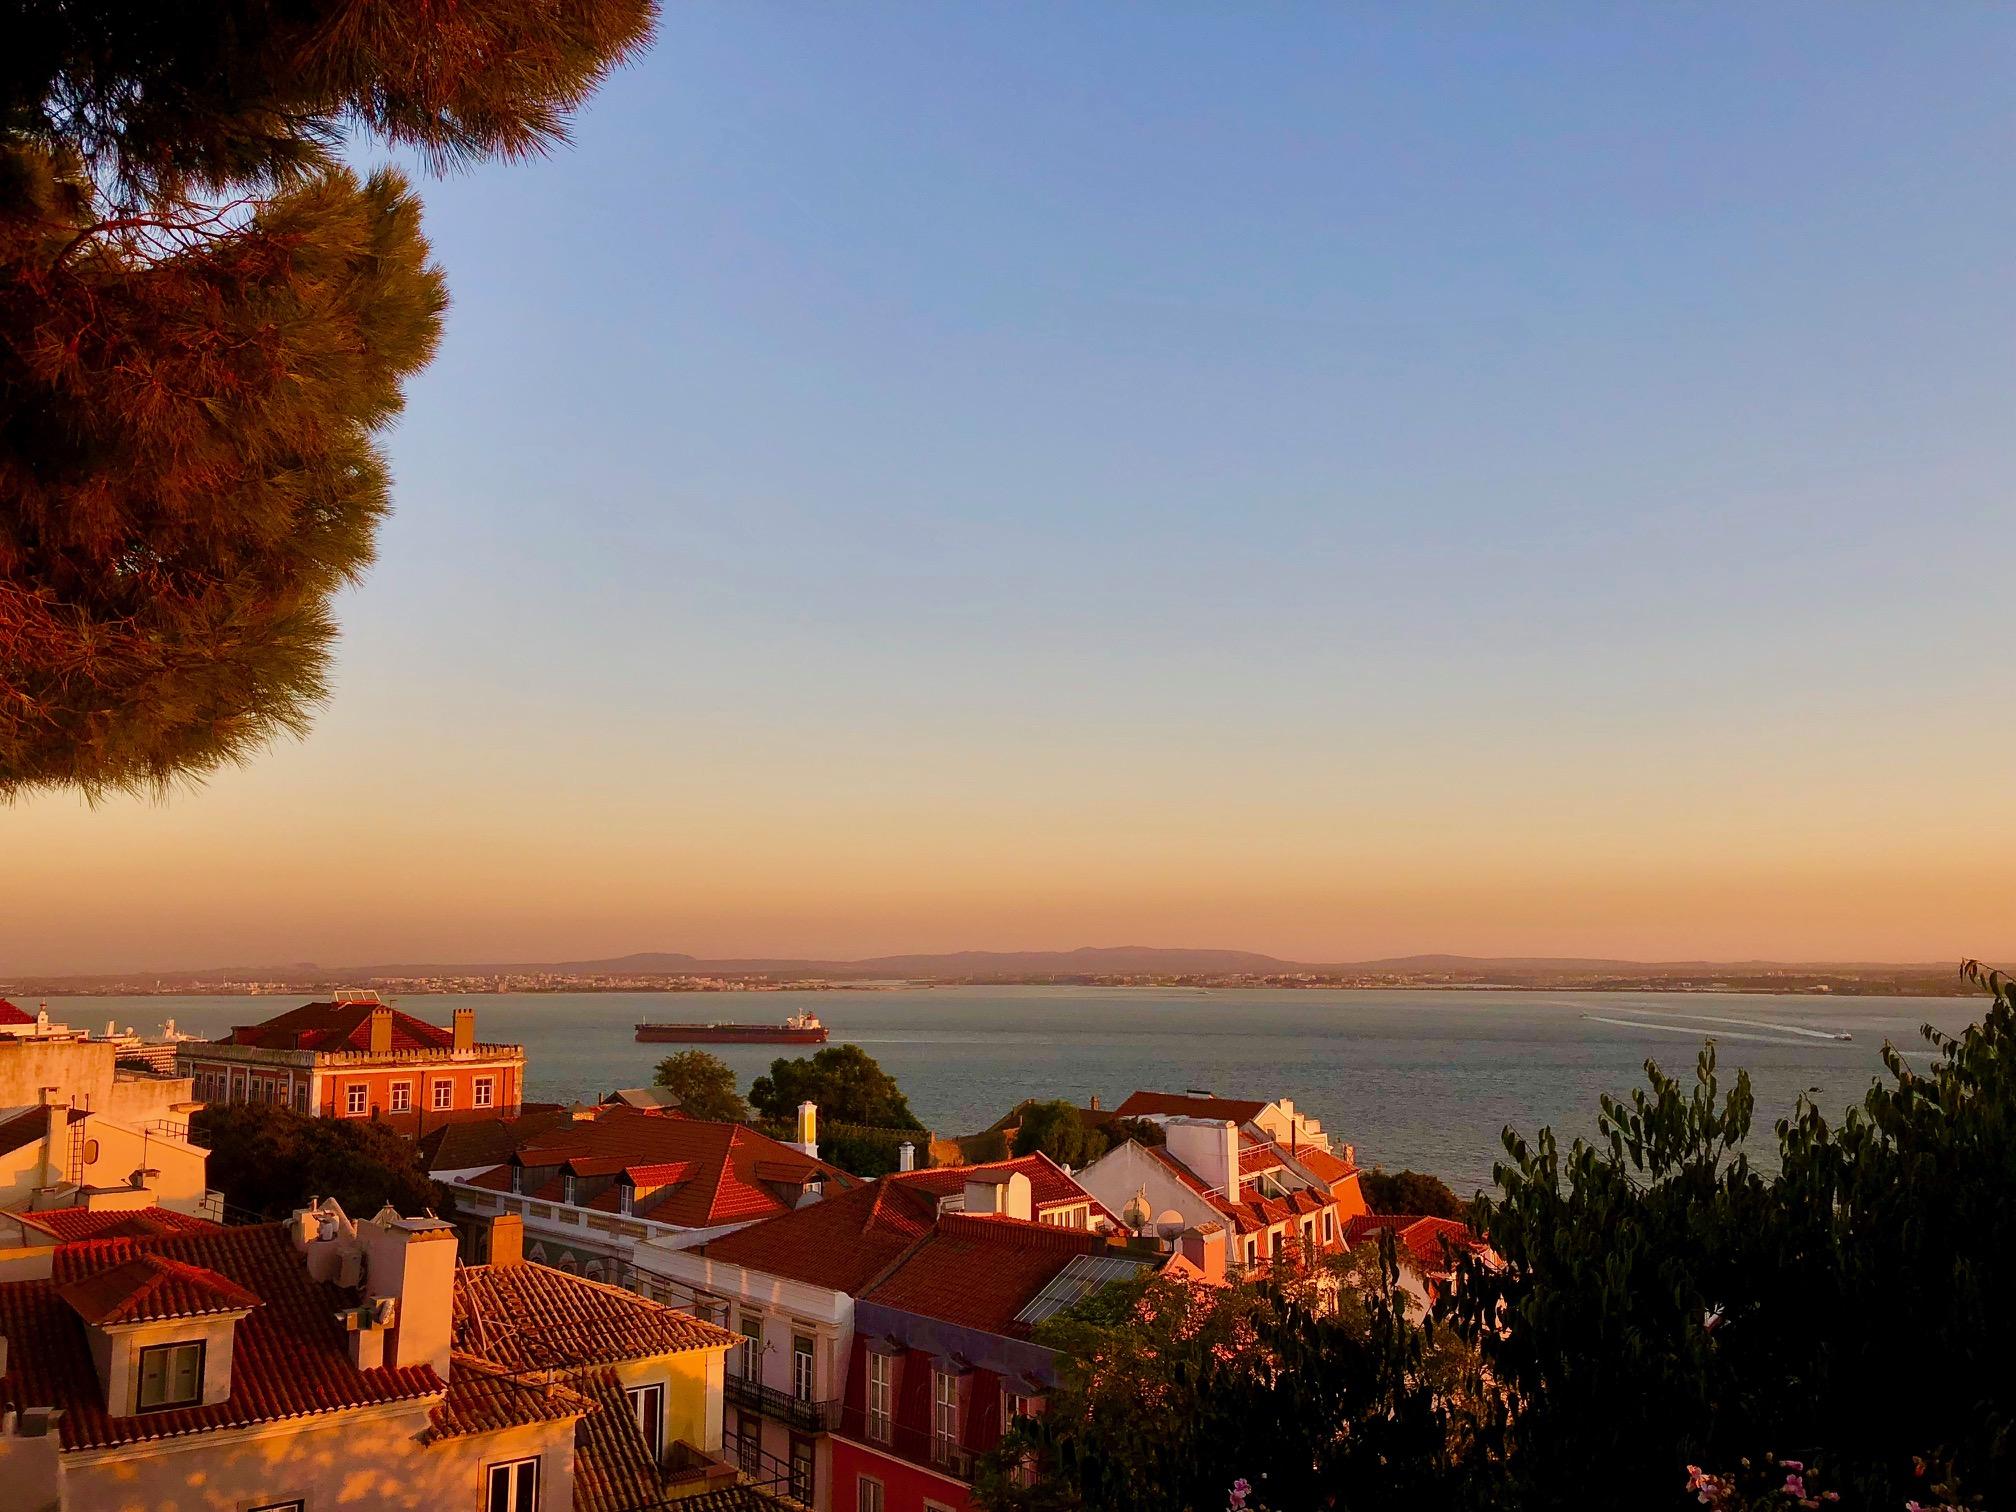 Verliebt in Lissabon